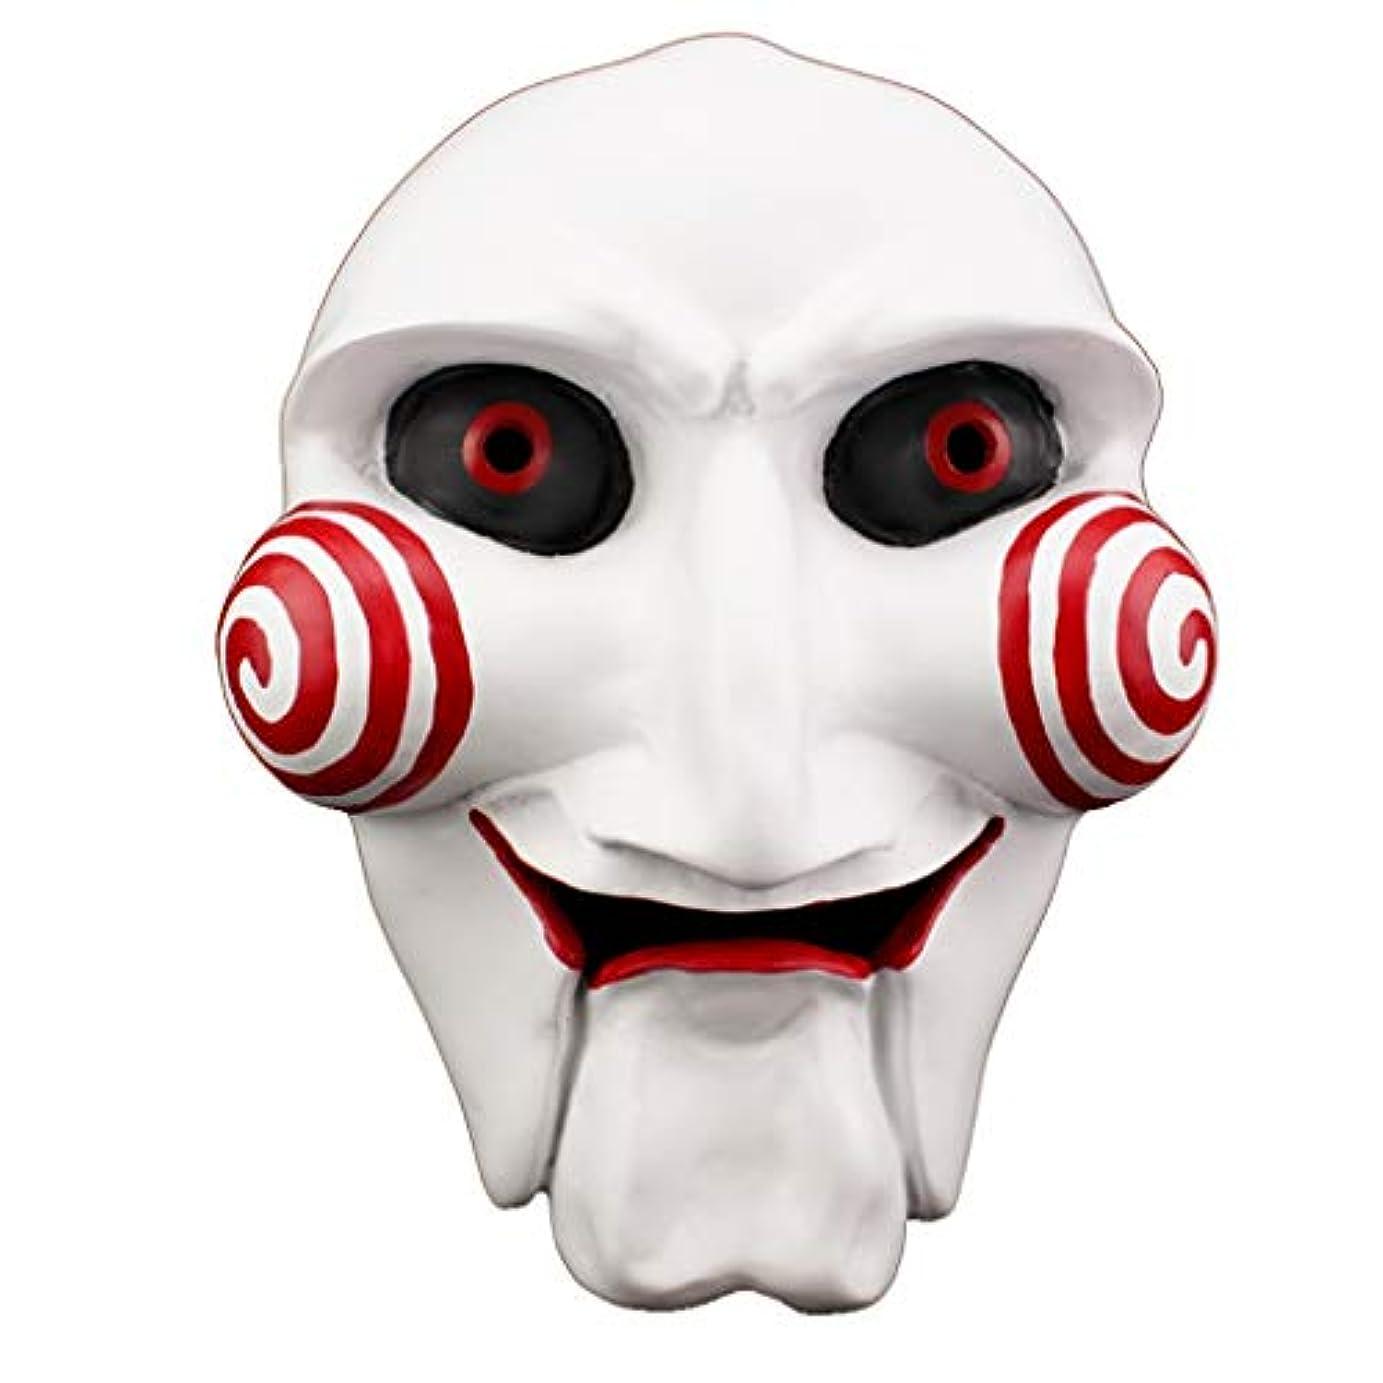 今日胴体ではごきげんようハロウィンホラーマスク、チェーンソークリプトテーママスクマスカレード樹脂マスク(22.5 * 12 cm)